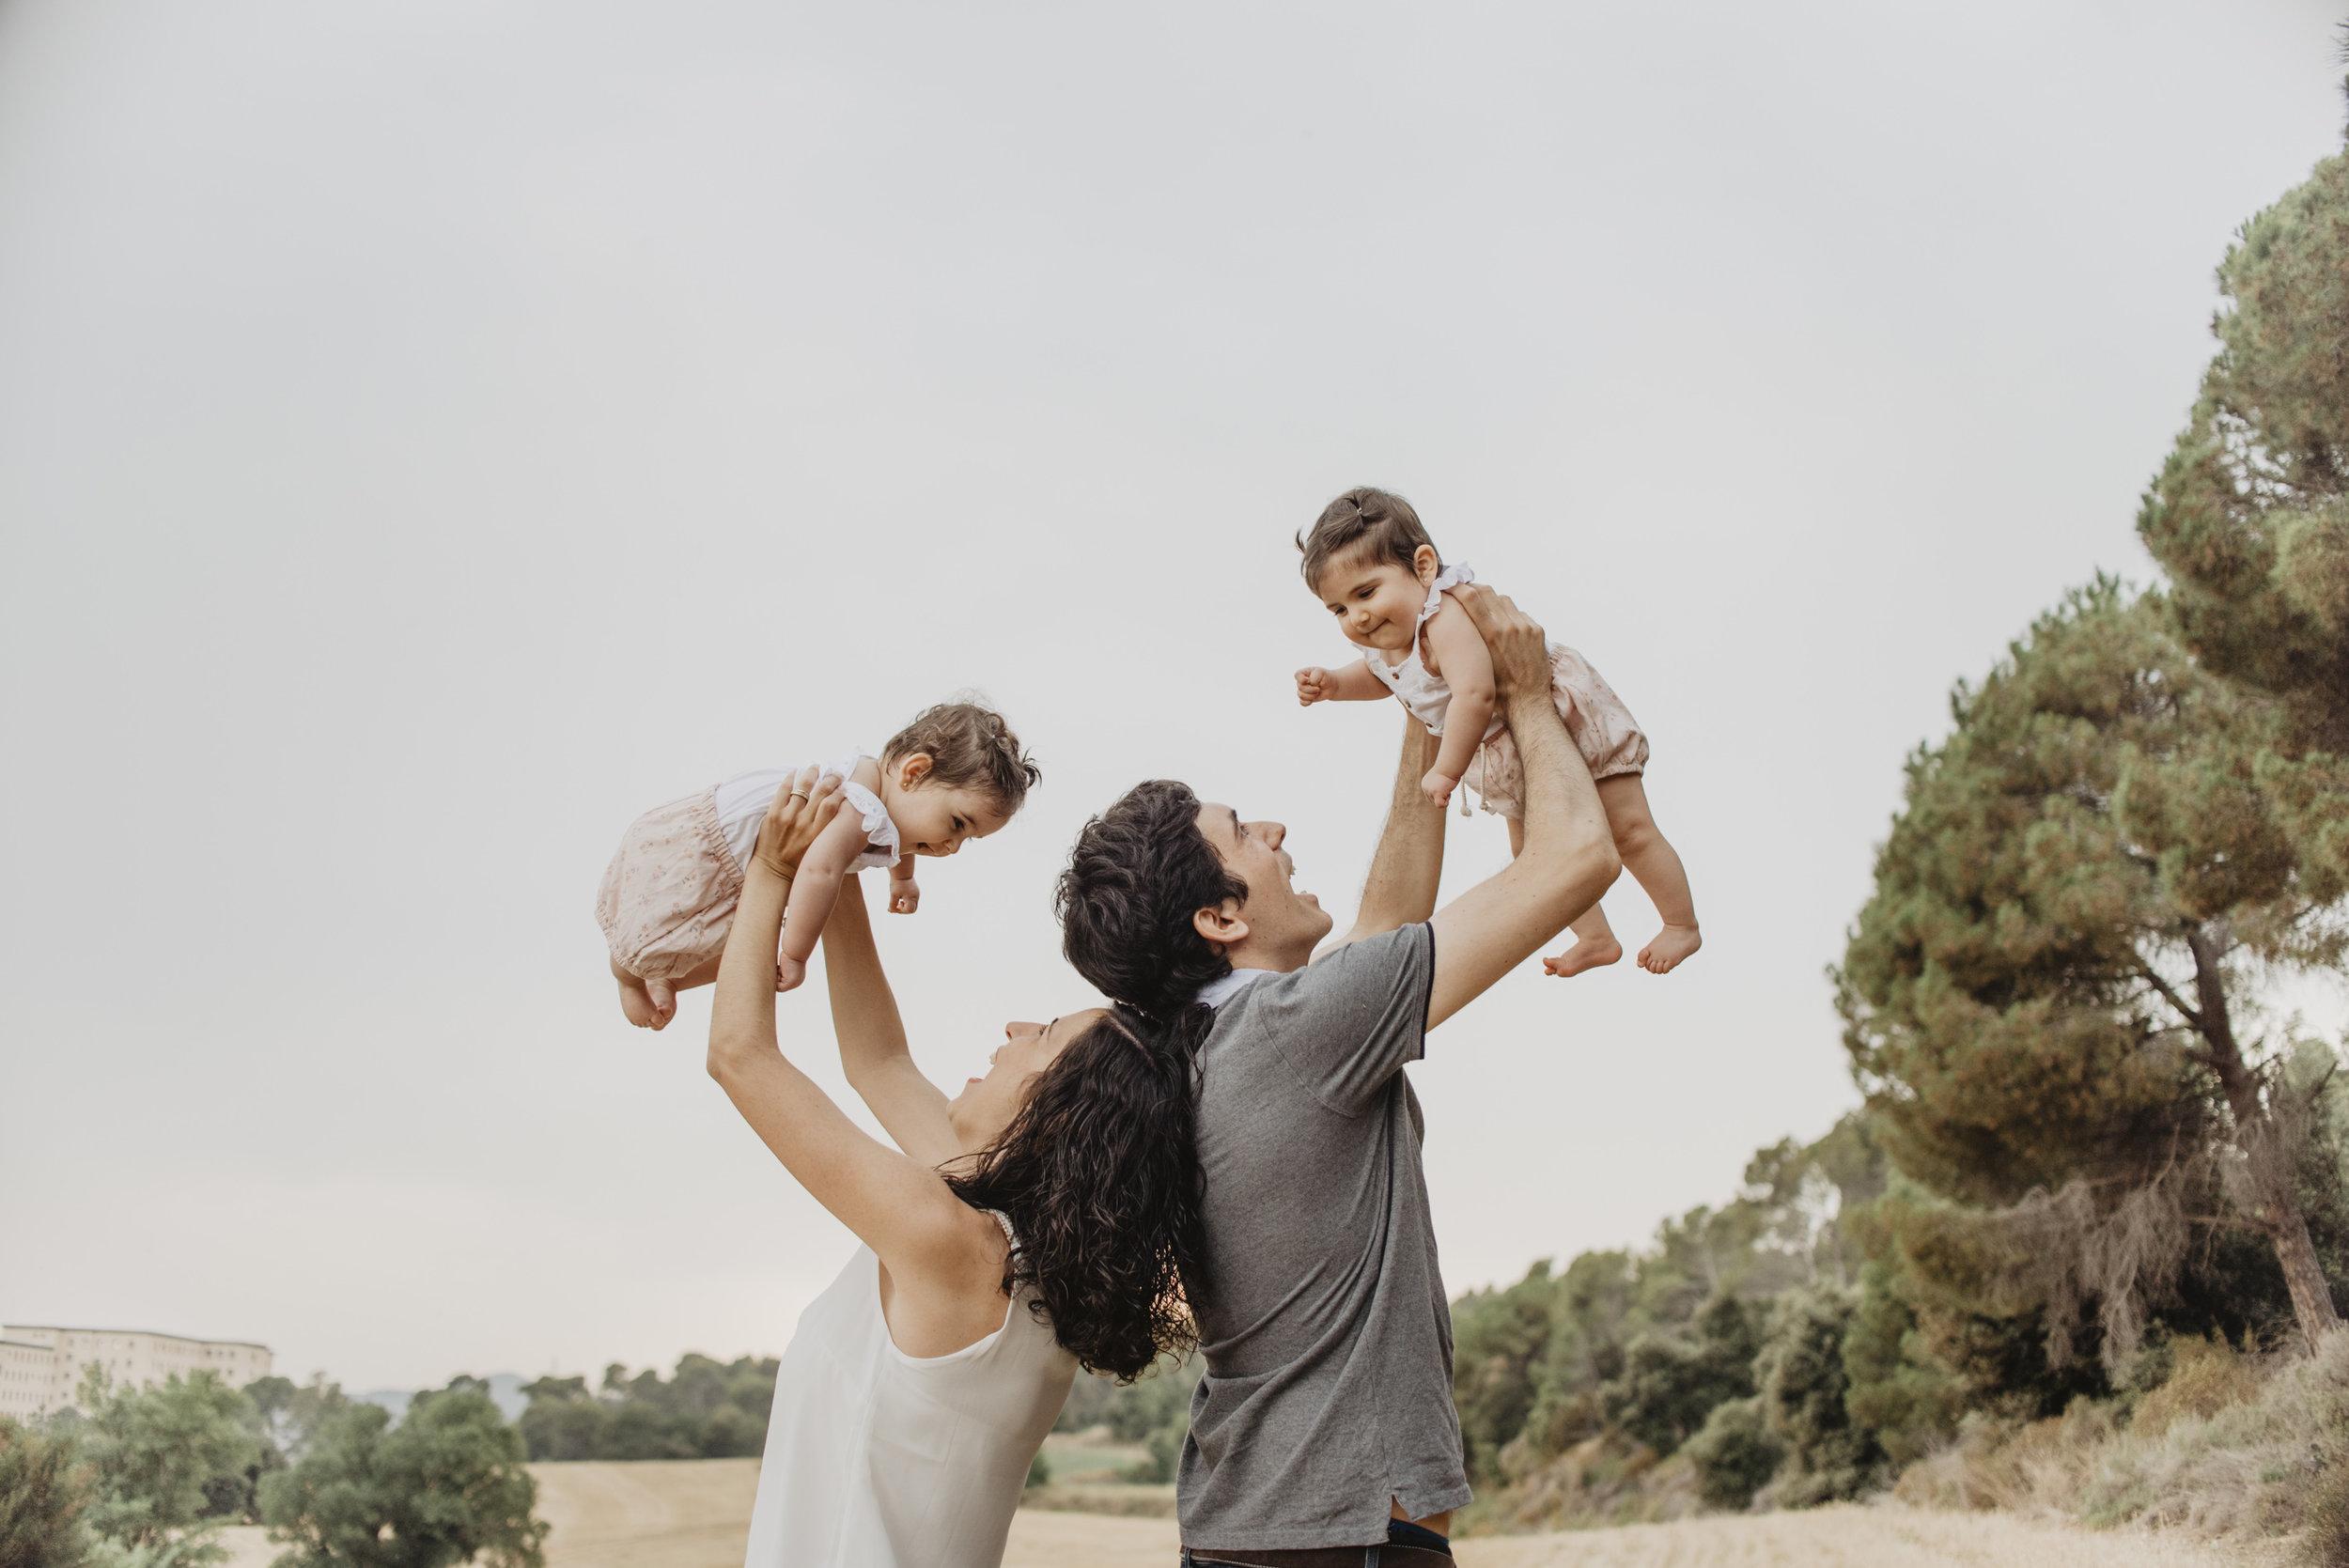 familia-reportatge-fotos-catalunya-terrassa-bessones-mellizas-mia-moments-photo-fotografia-familiar-exterior-03.jpg